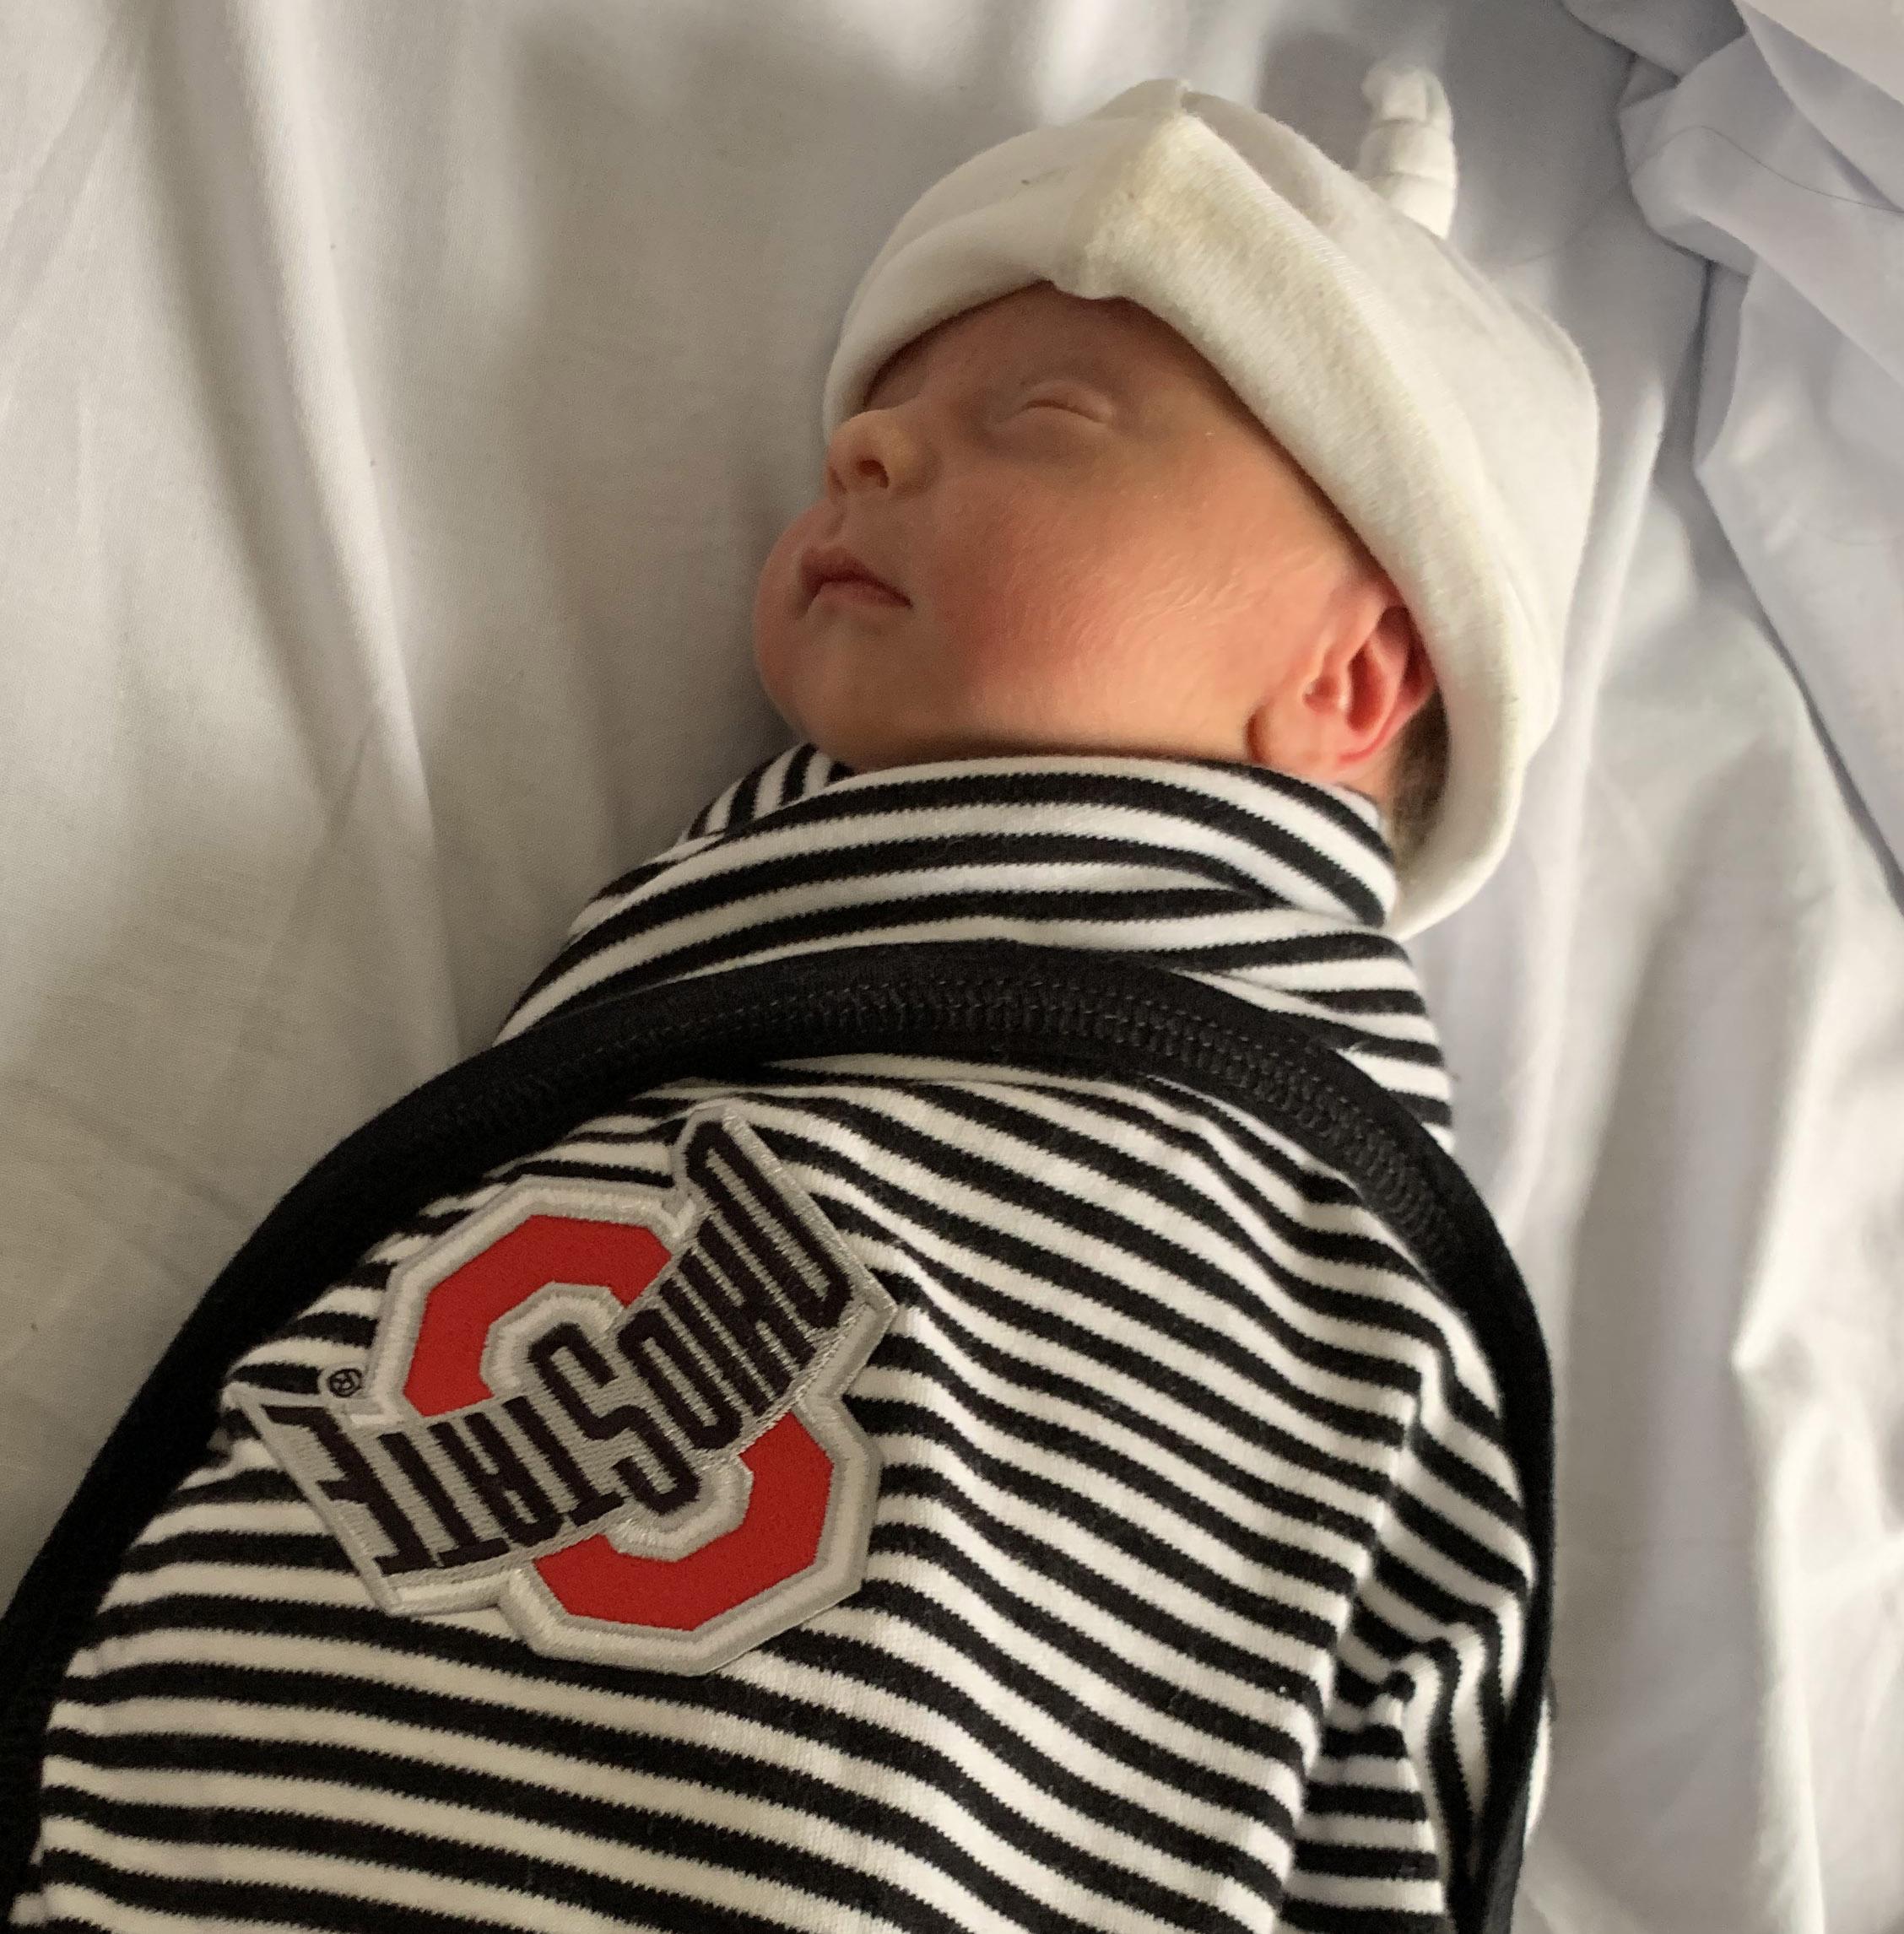 Newborn baby Elias Meyer in an Ohio State blanket